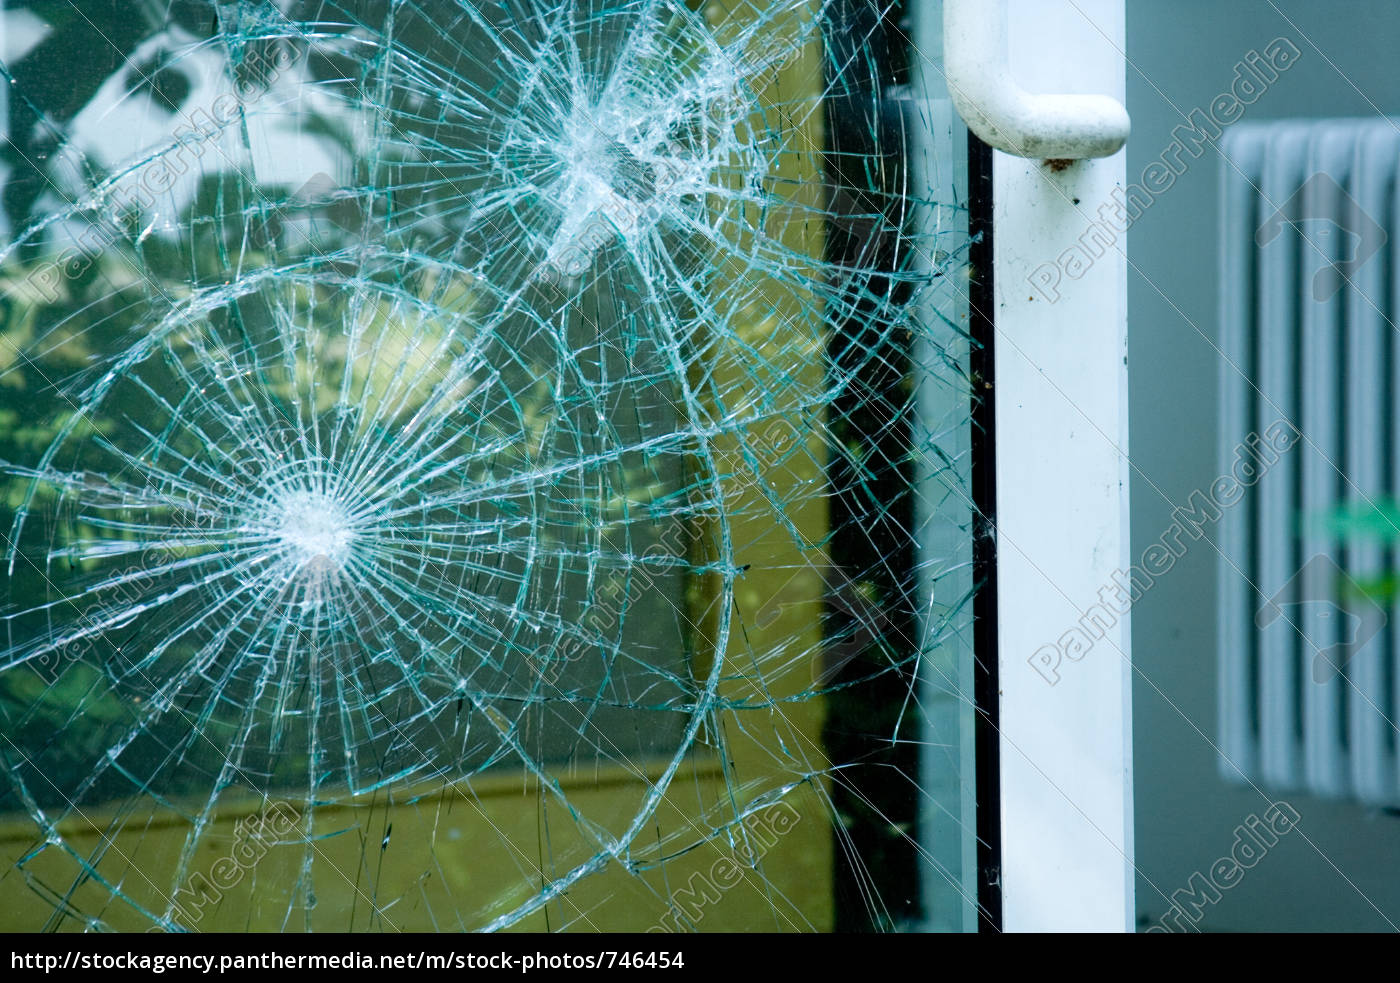 burglary - 746454